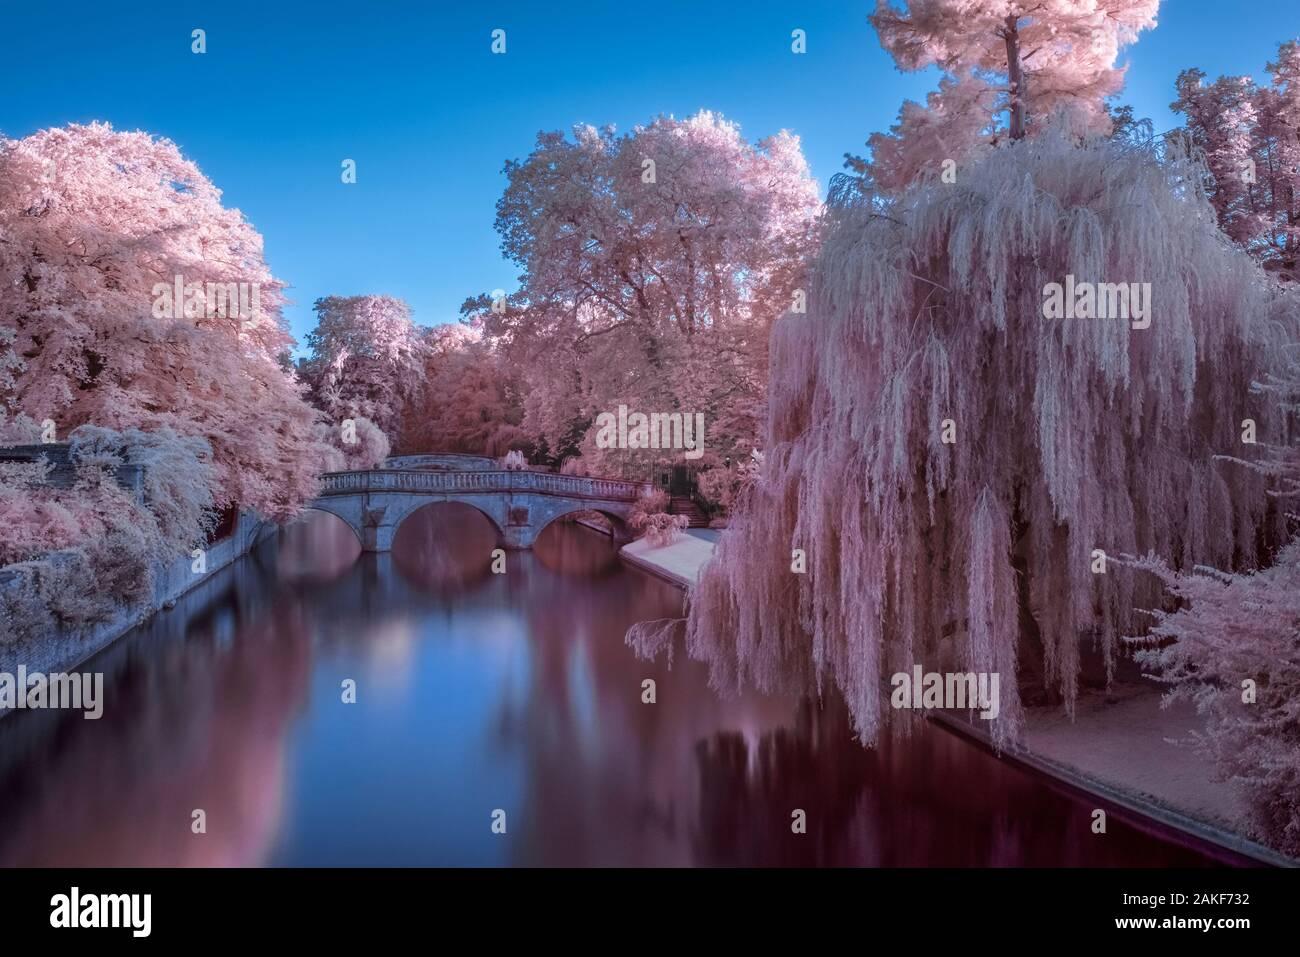 Royaume-uni, Angleterre, Cambridge, Cambridgeshire, le dos, Clare et King's College Ponts sur rivière Cam Banque D'Images